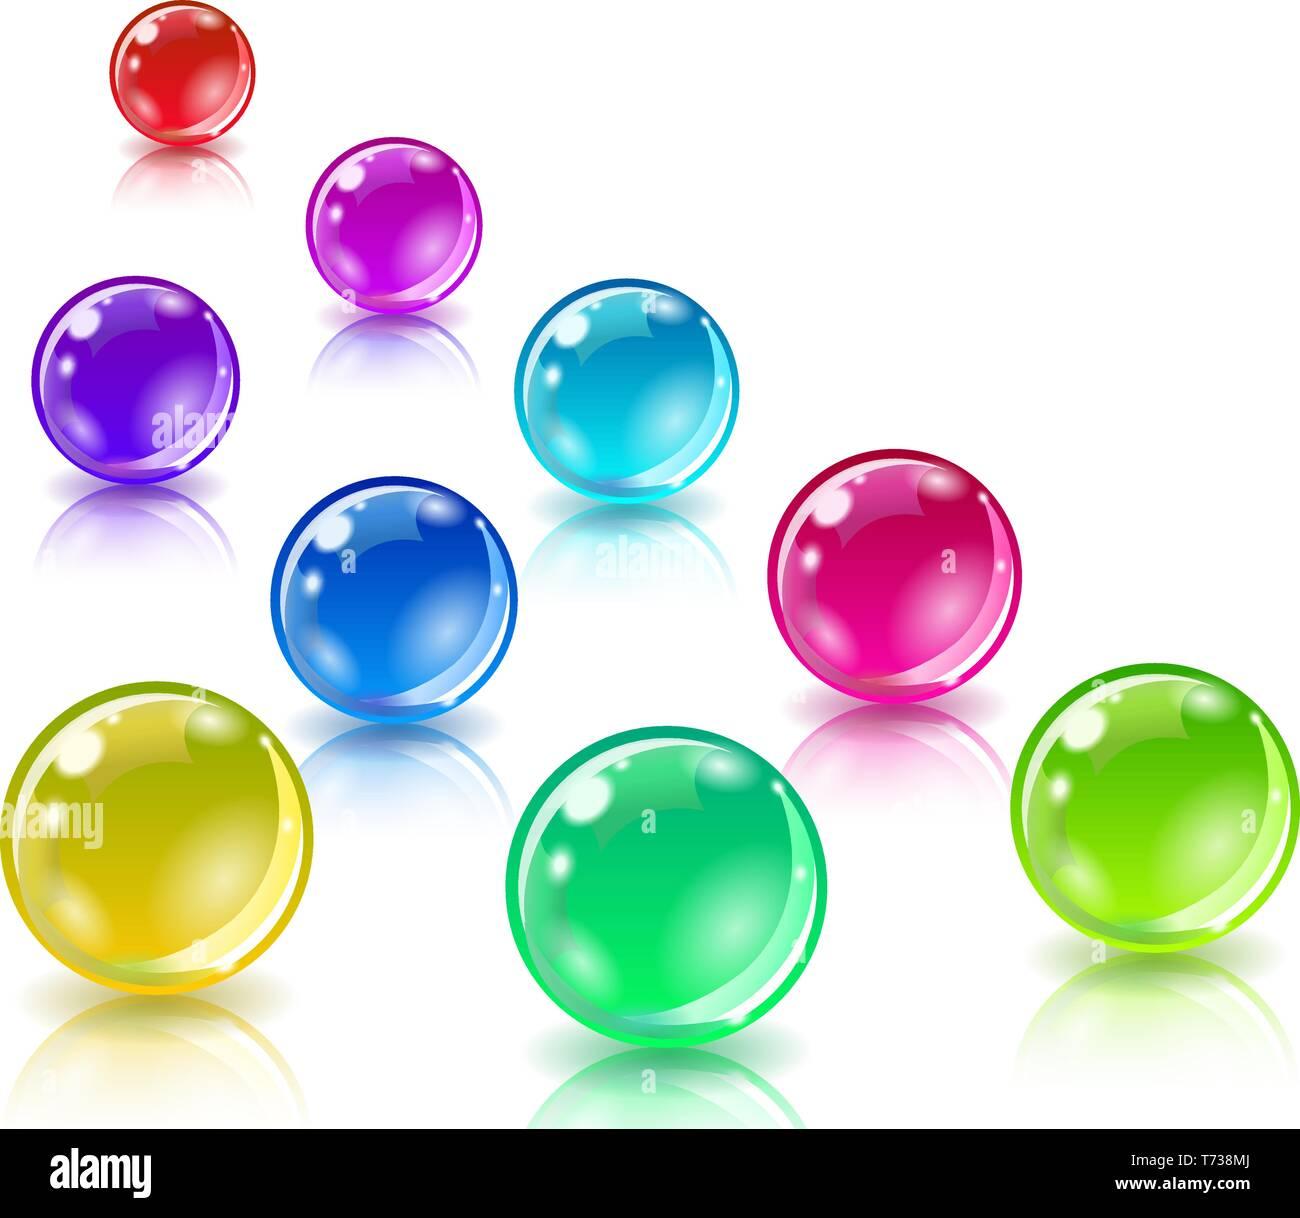 245cbd5c0 Tres bolas de diferentes colores sobre un fondo blanco. Malla de degradado  no se utiliza. Vector.